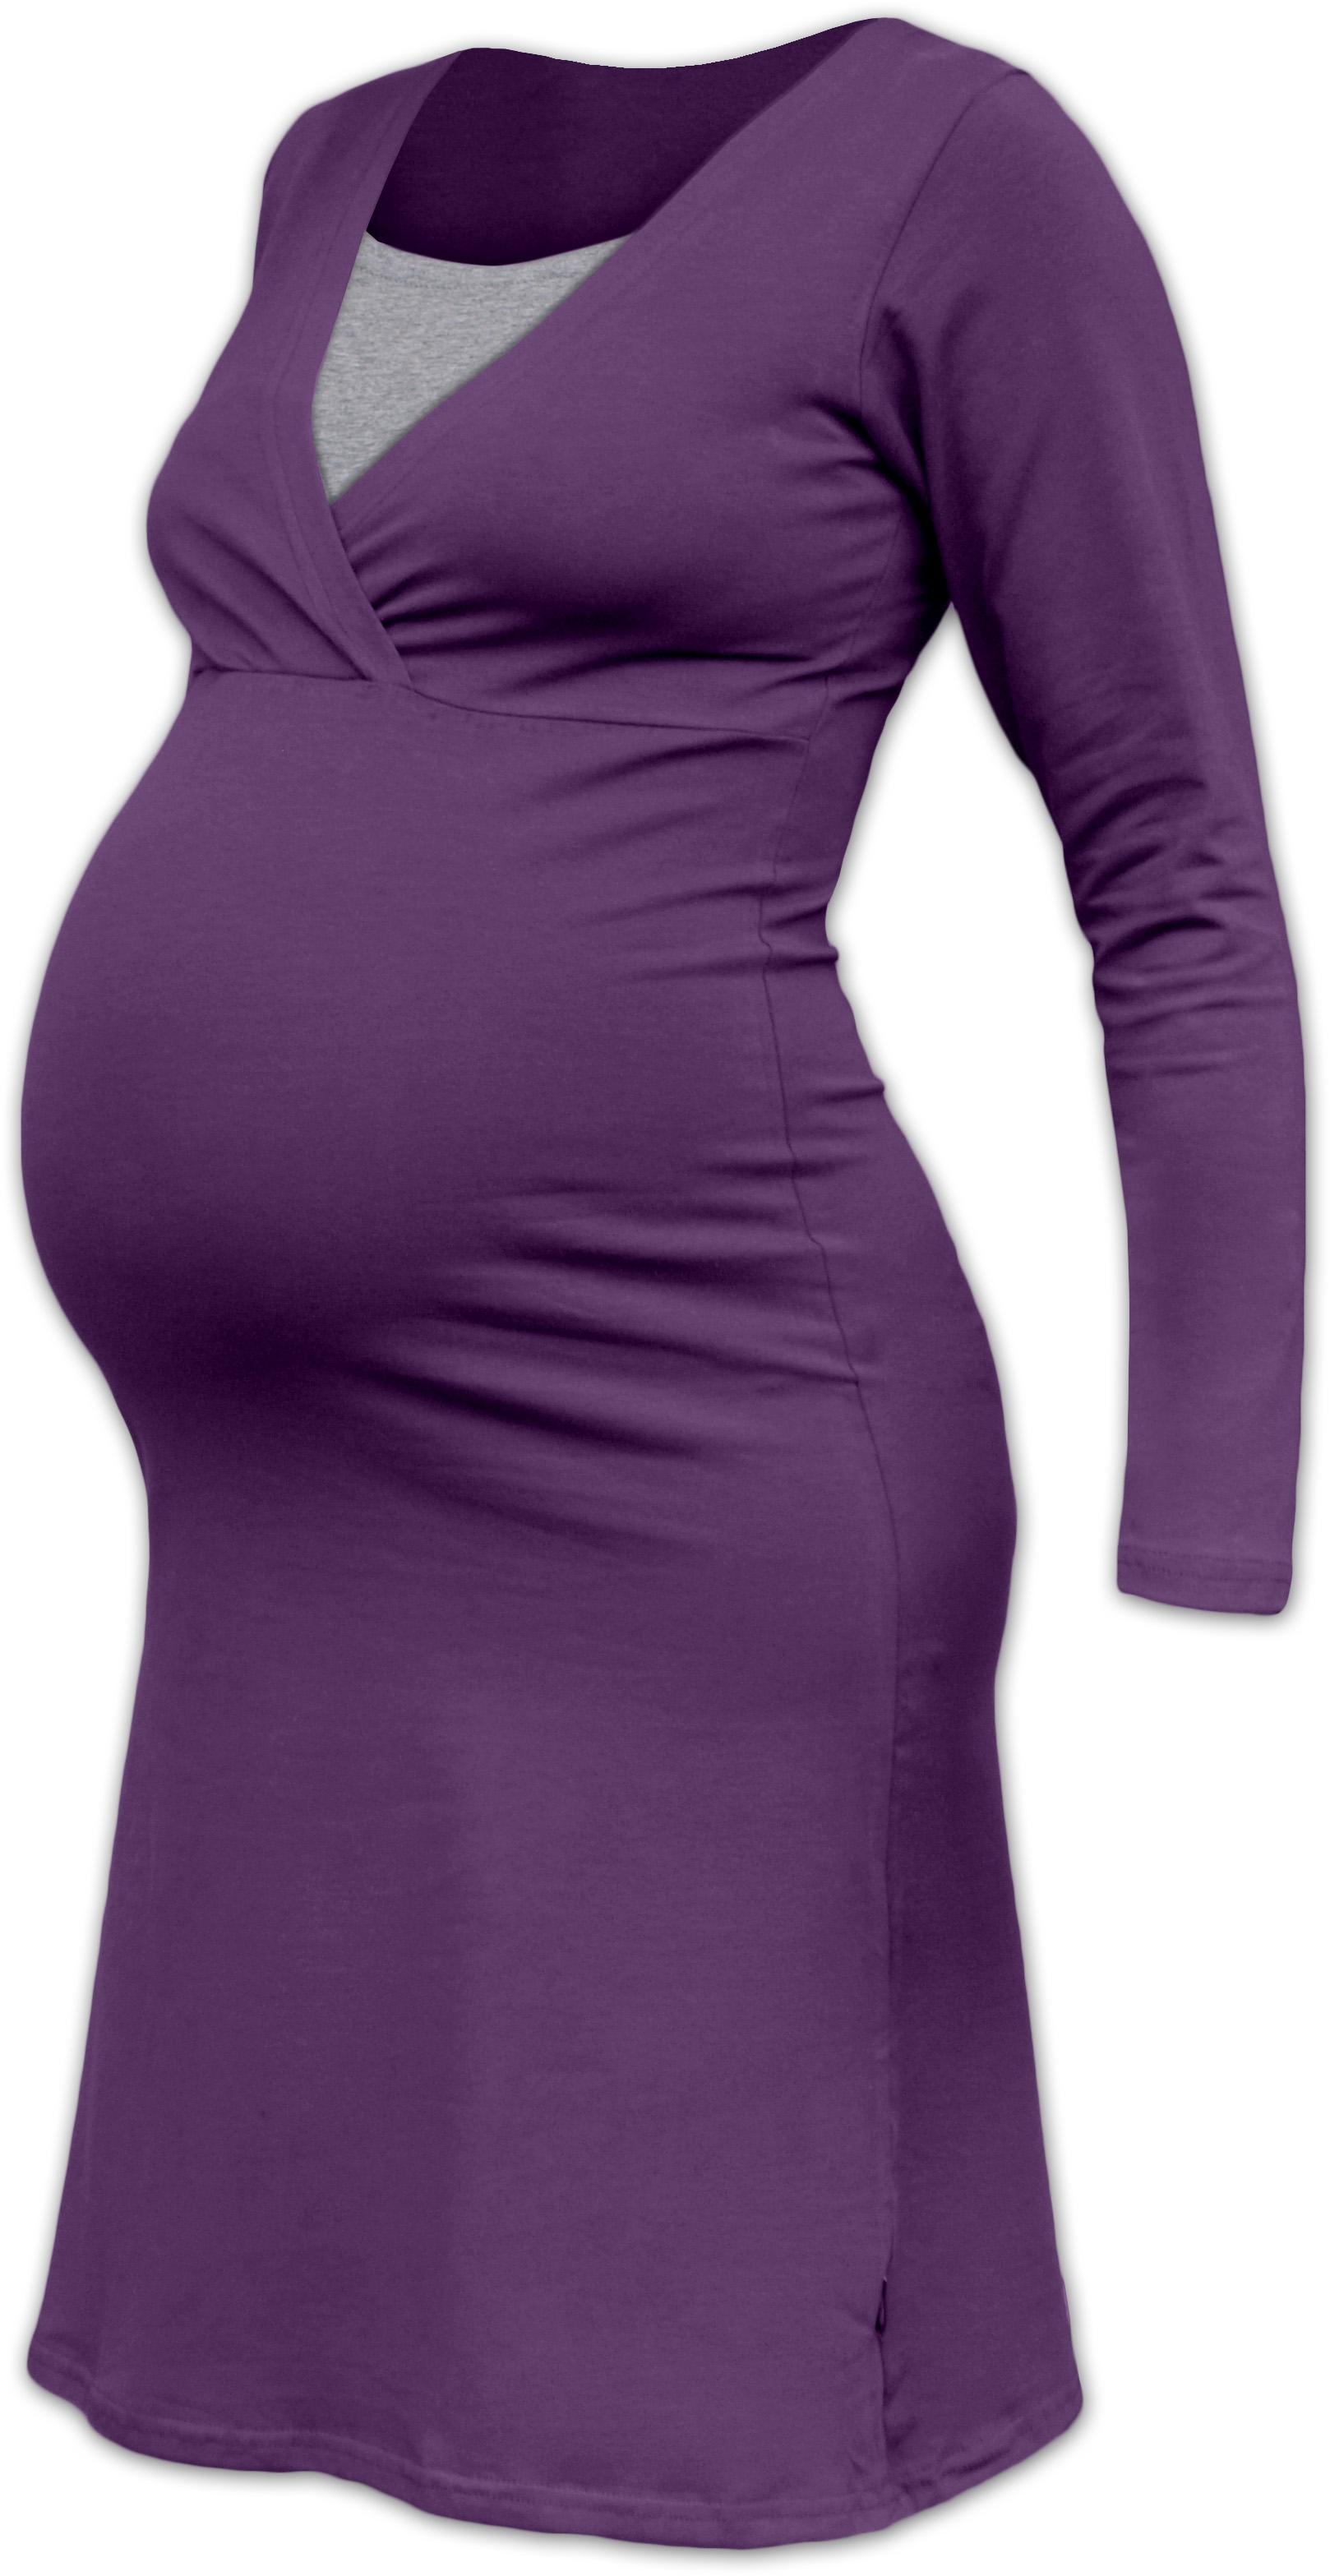 Kojící noční košile Eva, dlouhý rukáv, švestkově fialová